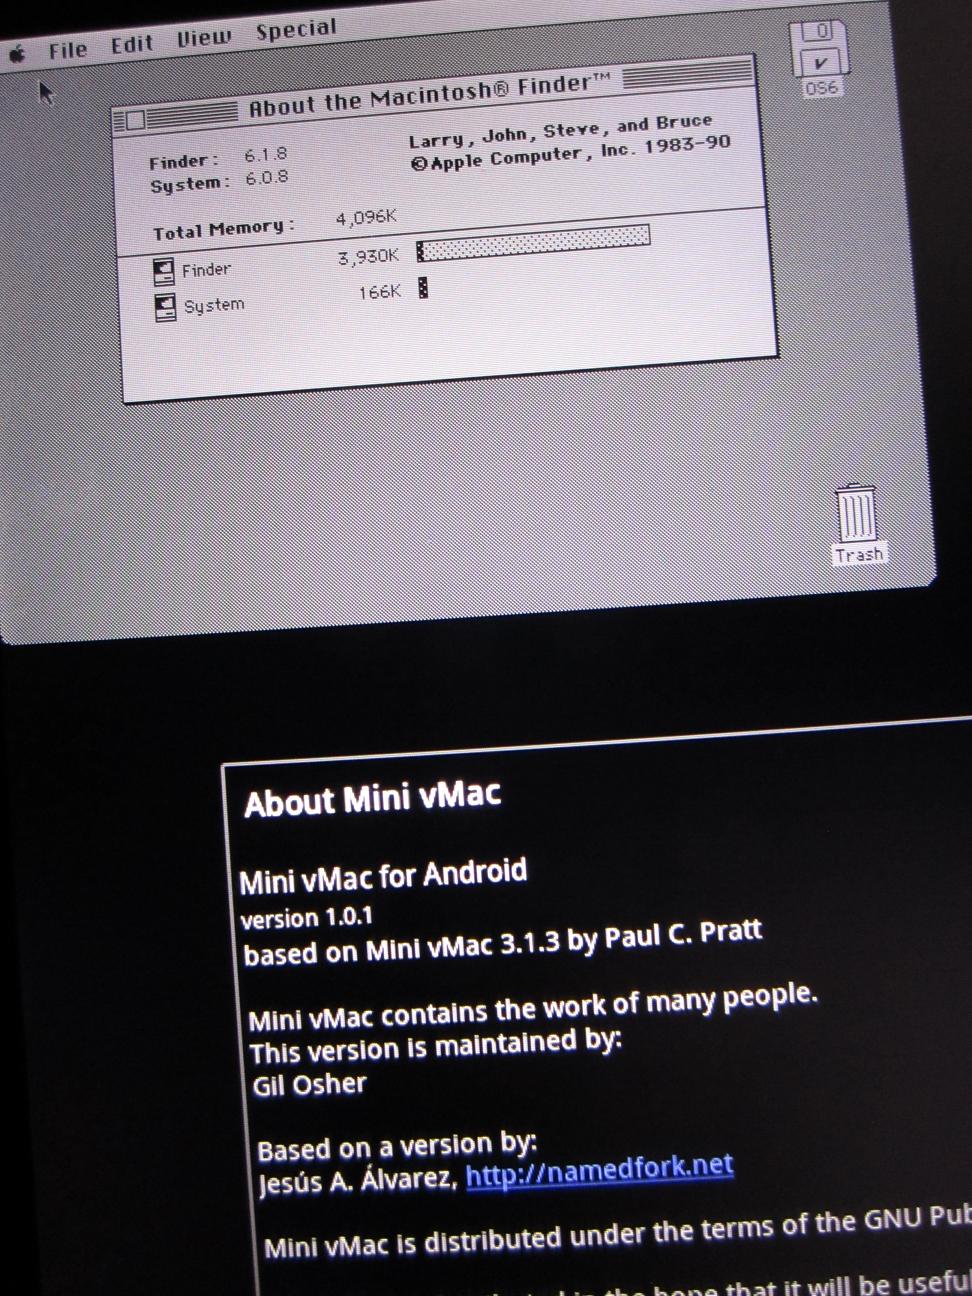 Mini vMac - ASUS Transformer